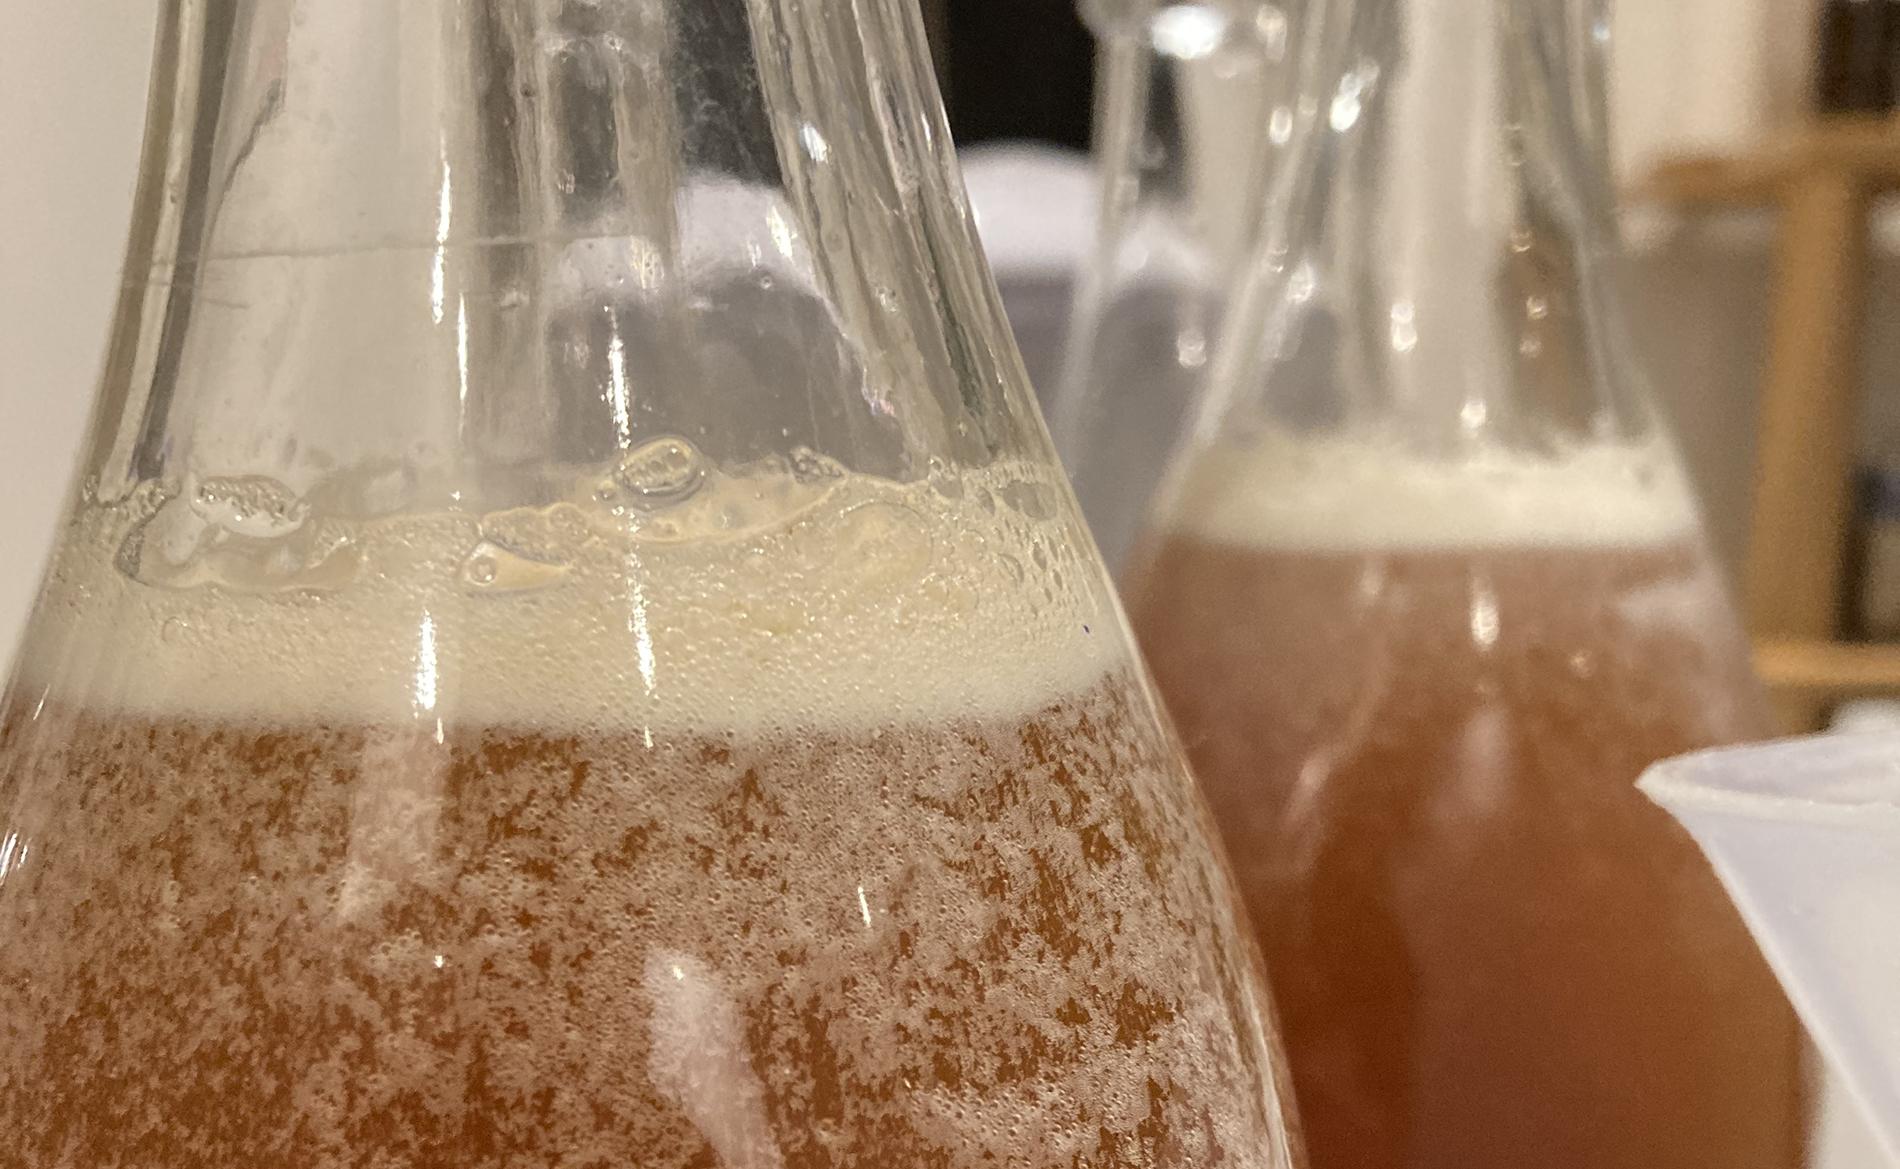 No-lo & alco fermentation